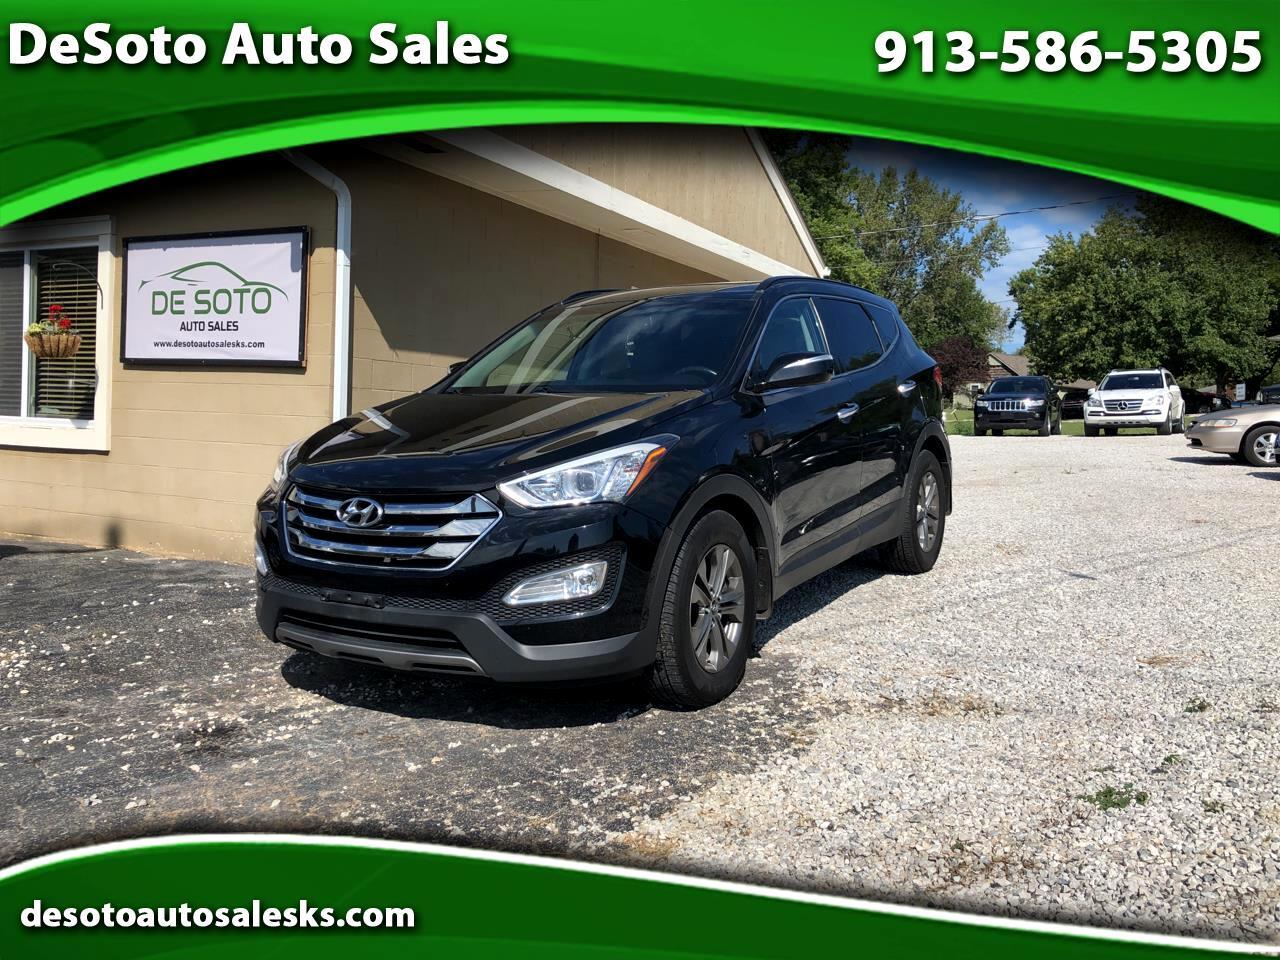 2014 Hyundai Santa Fe 2.4L